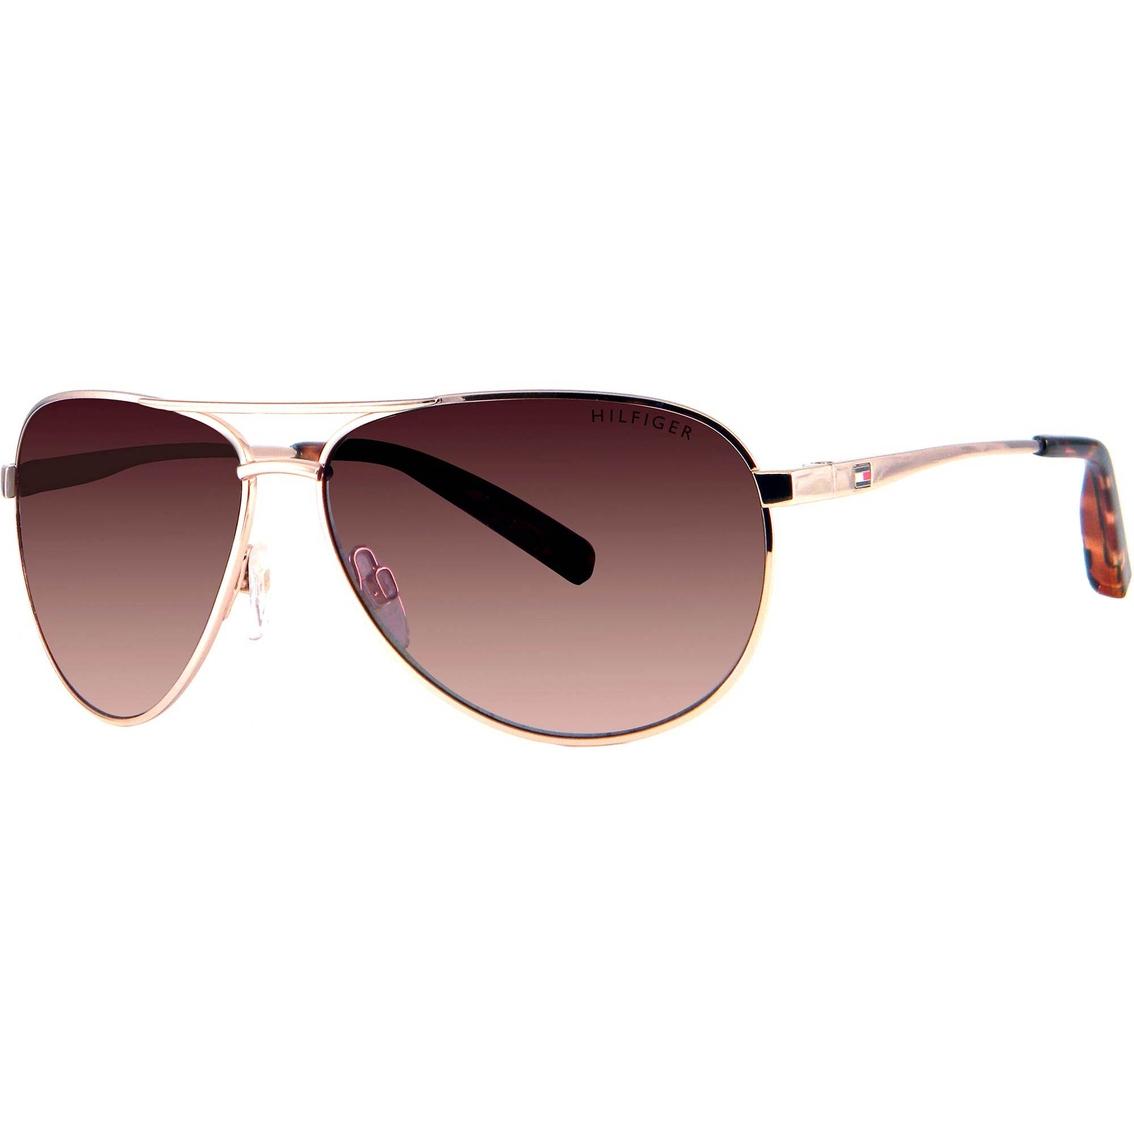 22d4ea7b68b Tommy Hilfiger Aviator Sunglasses Lad179